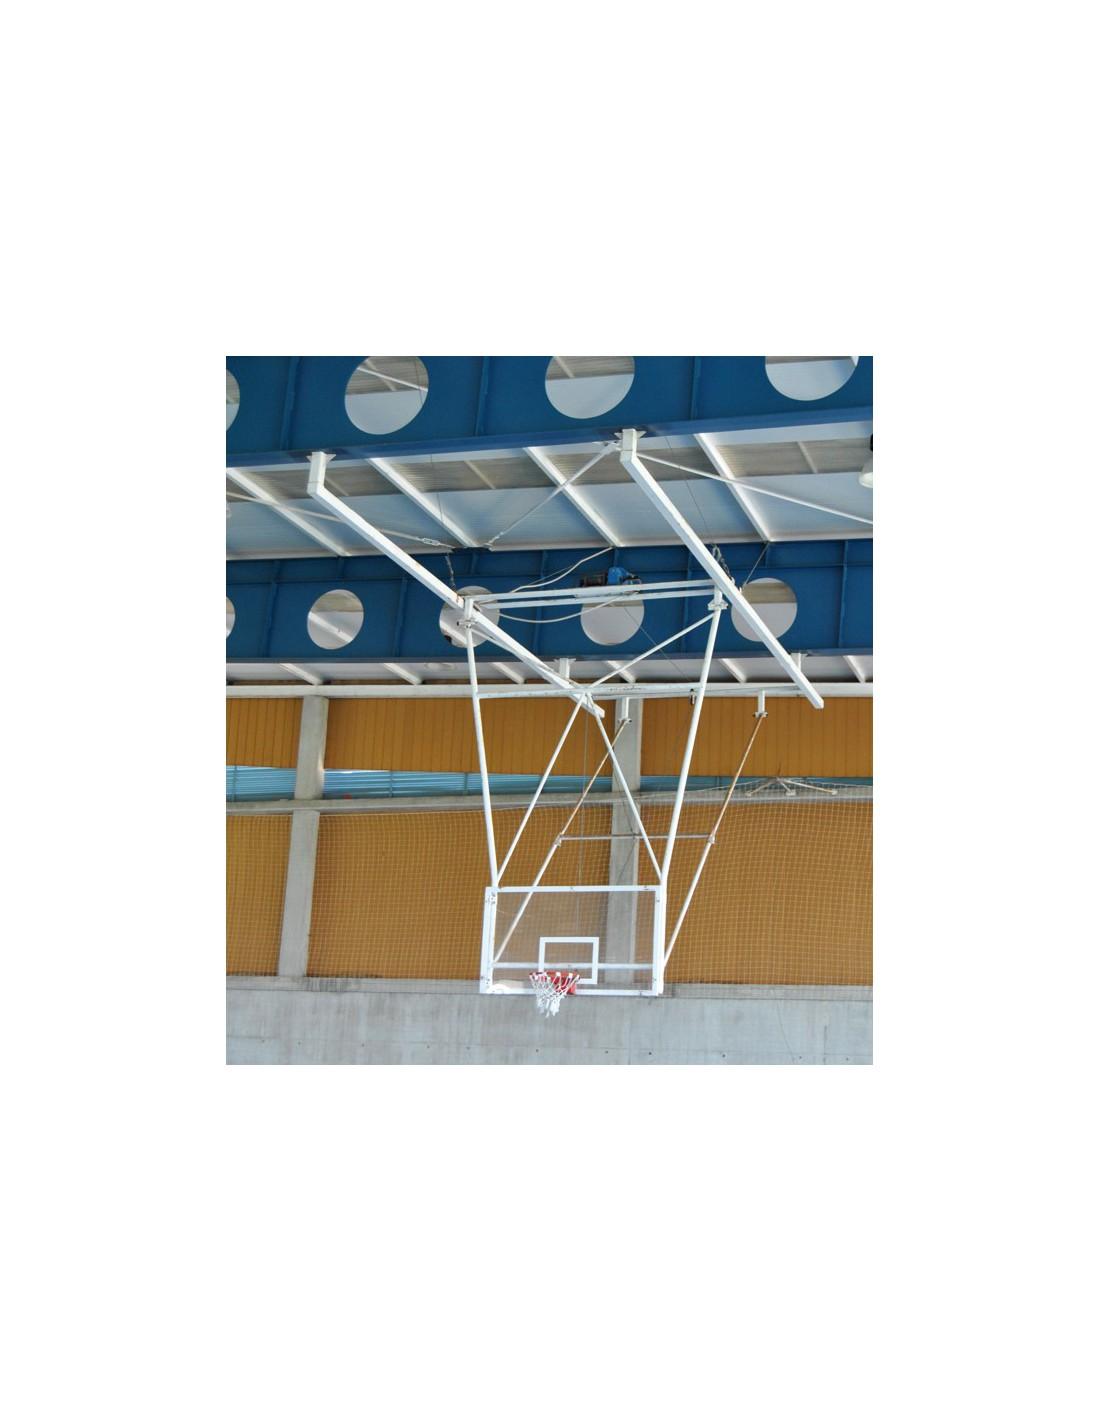 Kit panier de basket r glable multitubulaire suspendu toit - Panier de basket amovible ...